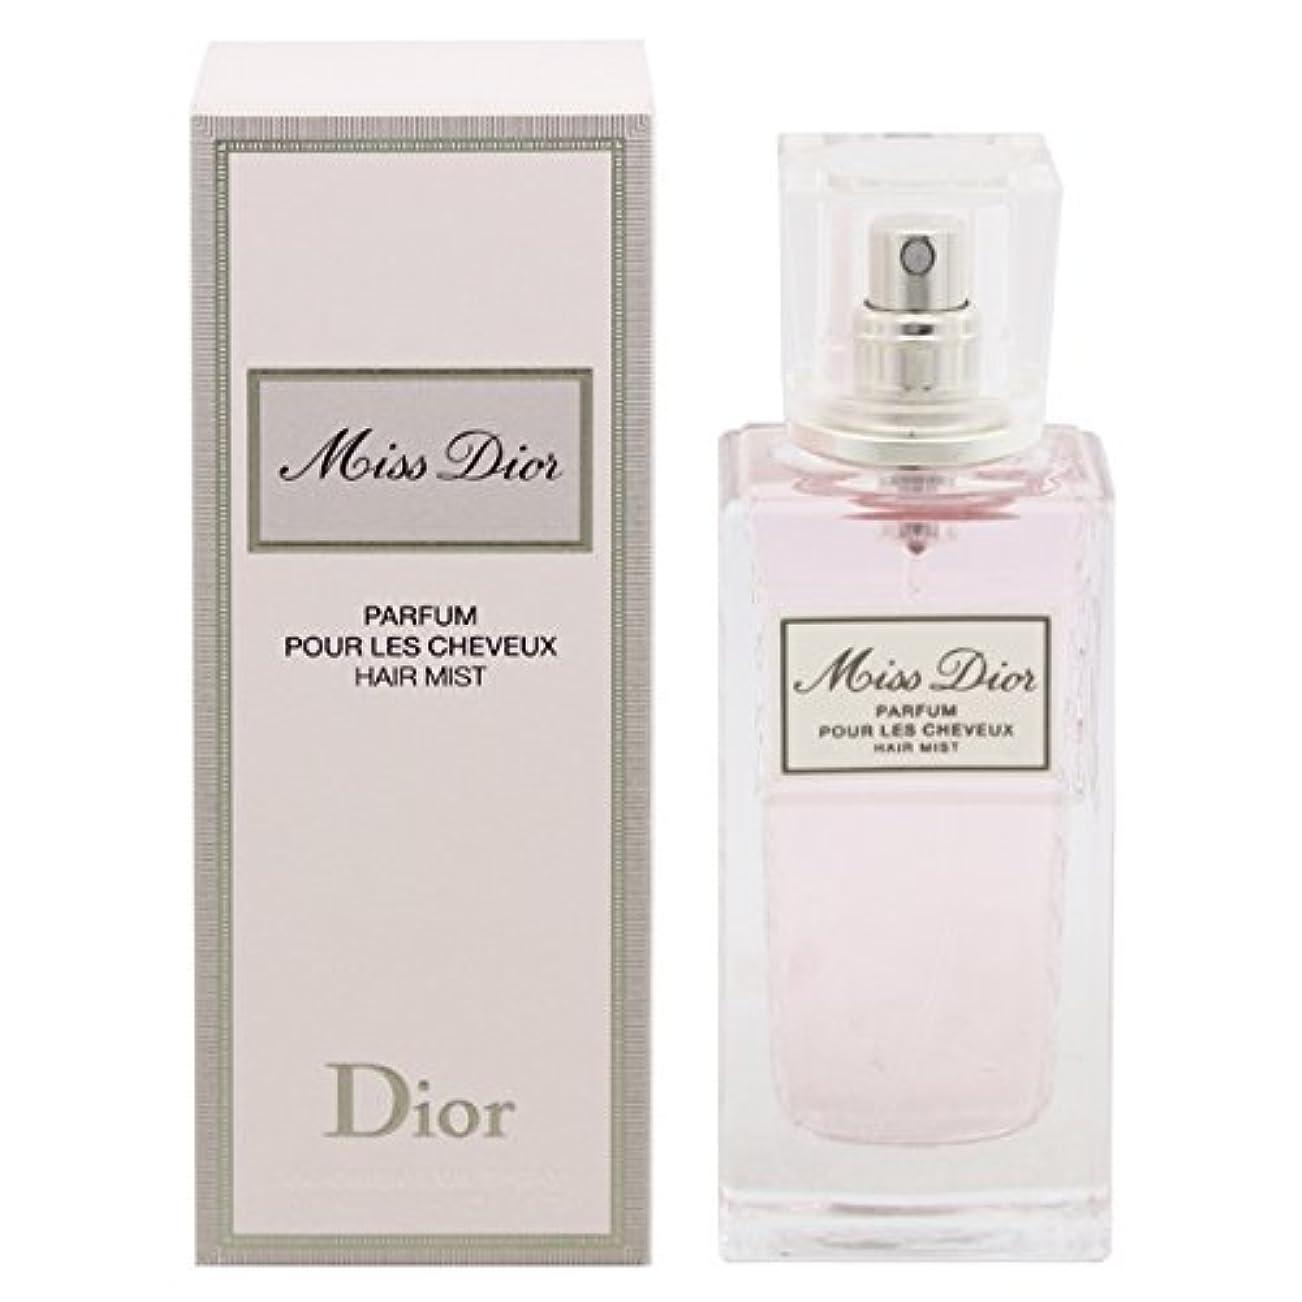 心臓組み合わせバイアスクリスチャン ディオール(Christian Dior) ミス ディオール ヘア ミスト 30ml[並行輸入品]